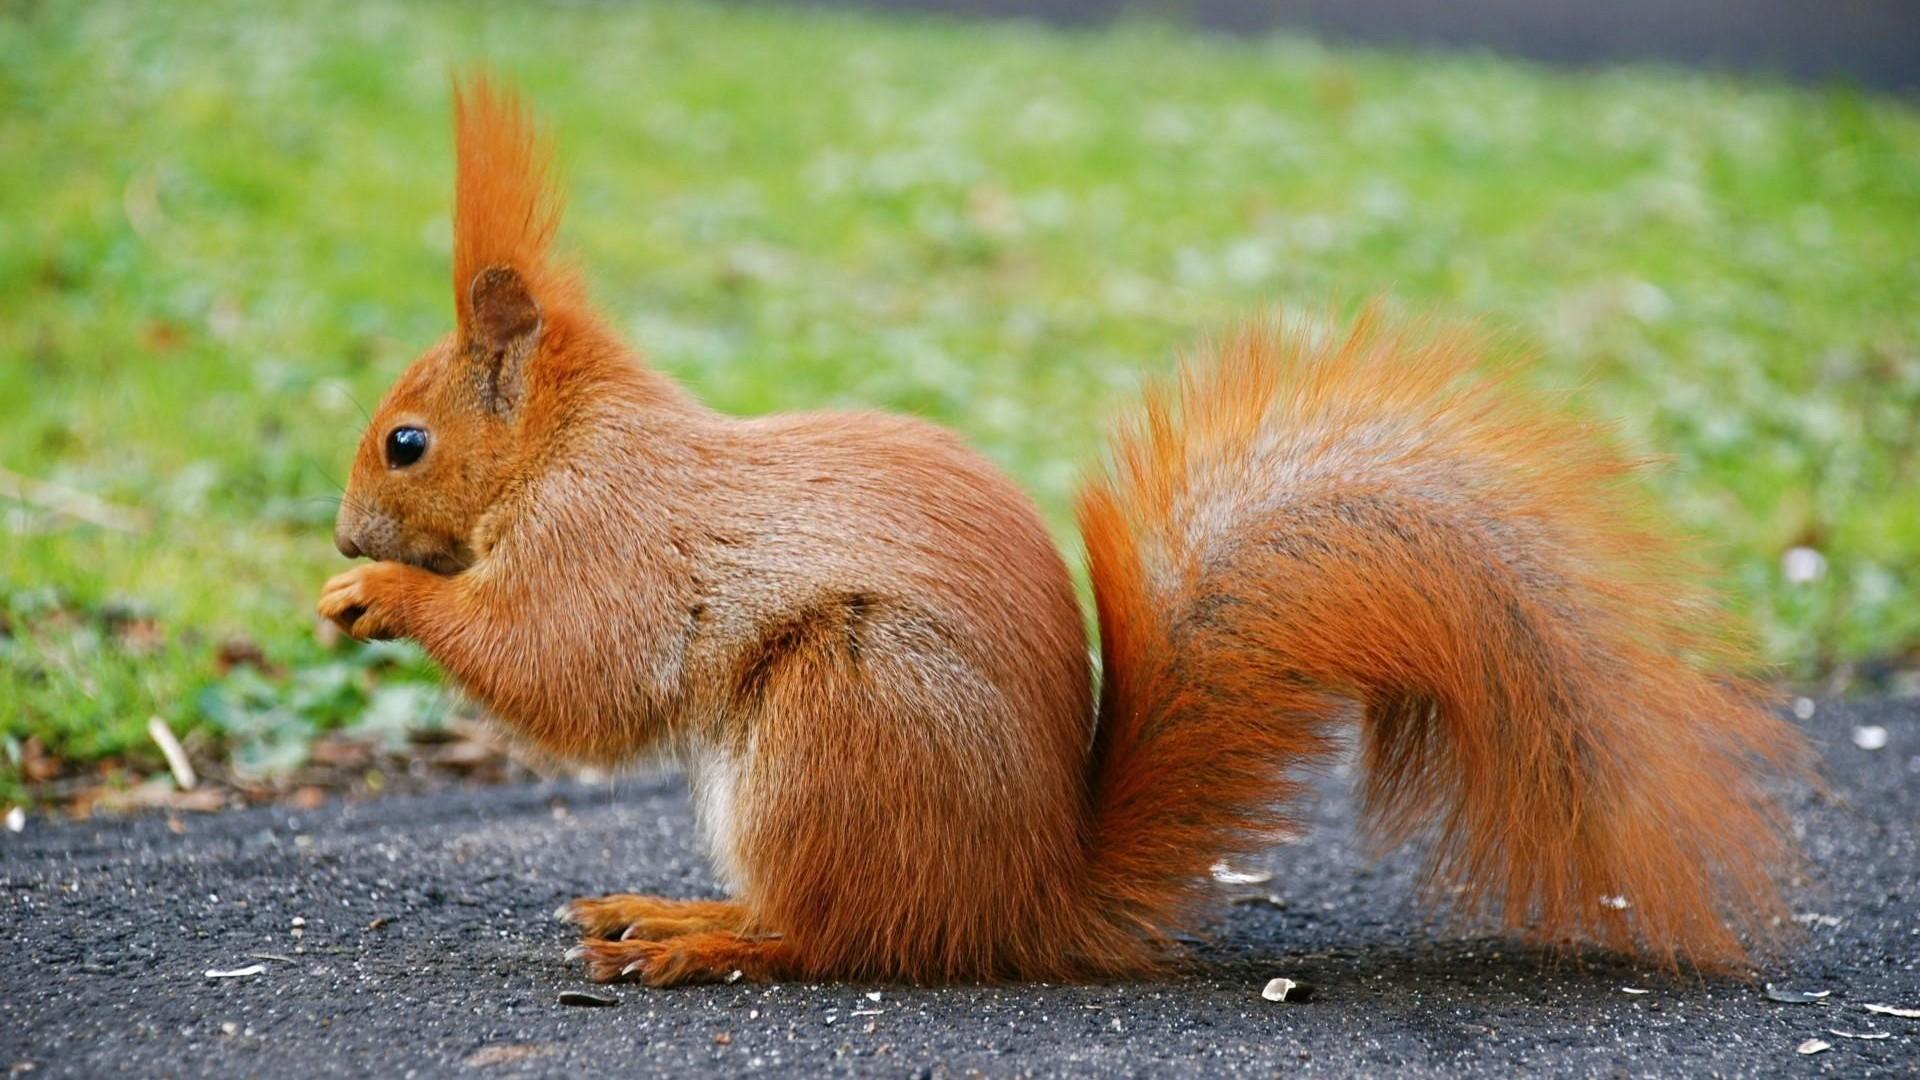 你会遇到这些可爱的小动物们         最具代表的小动物就是松鼠了